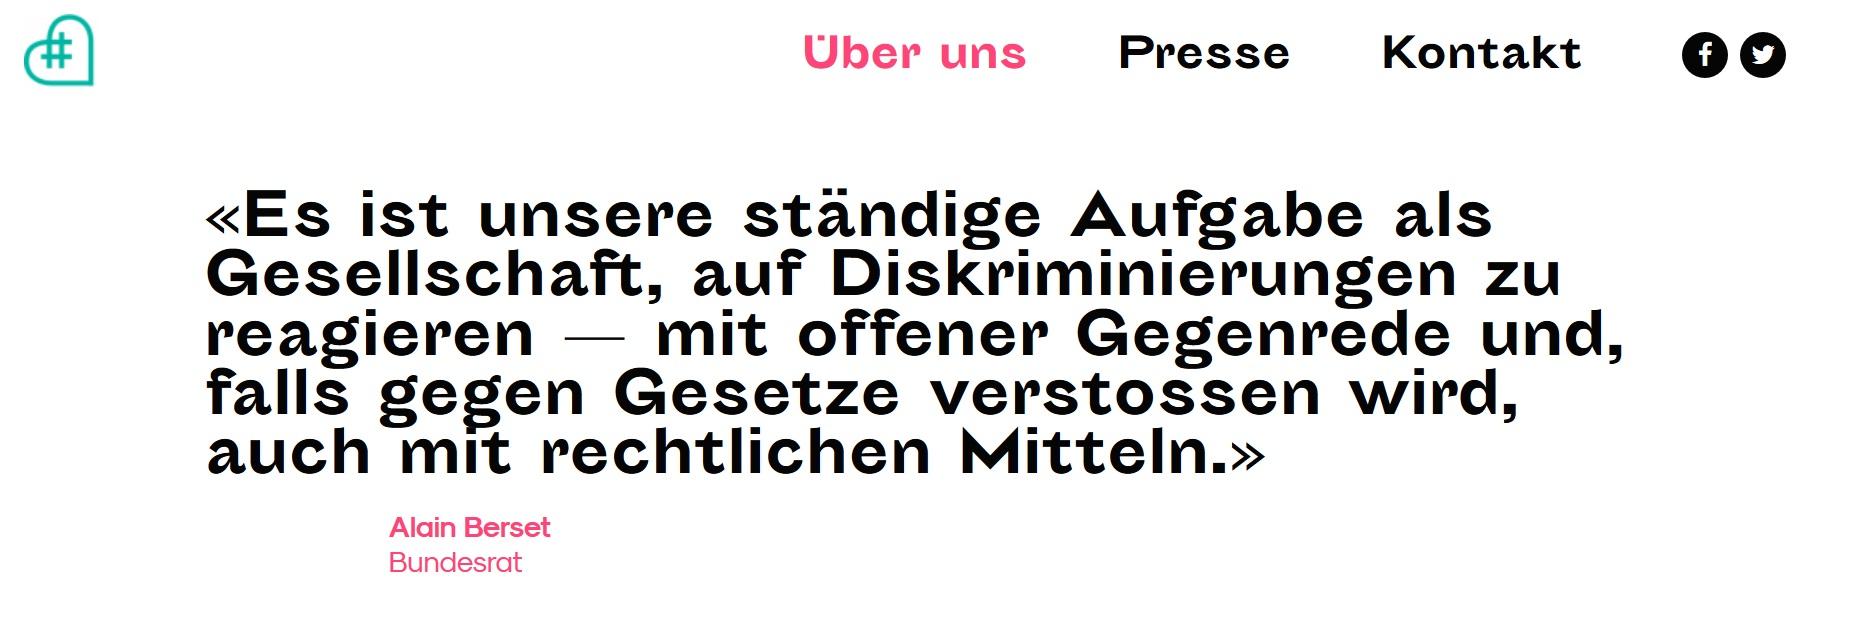 Screenshot der Startseite von  #netzcourage  - the hatespeech ambulance von Jolanda Spiess-Hegglin